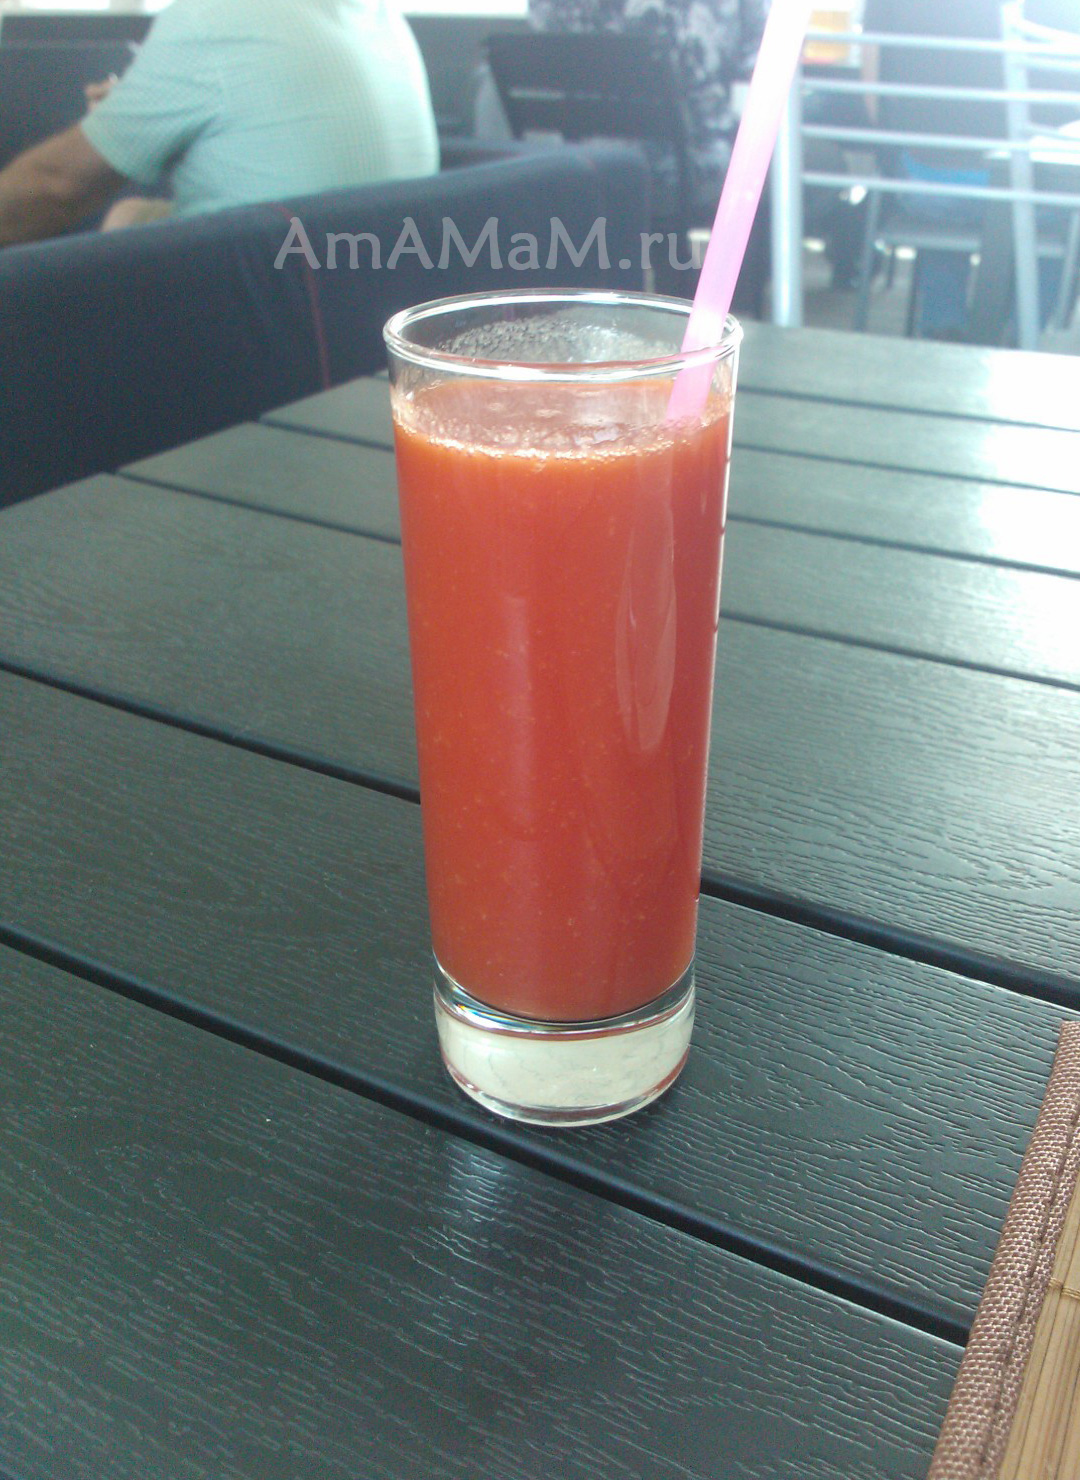 Сок томатный- фото и рецепт заготовки